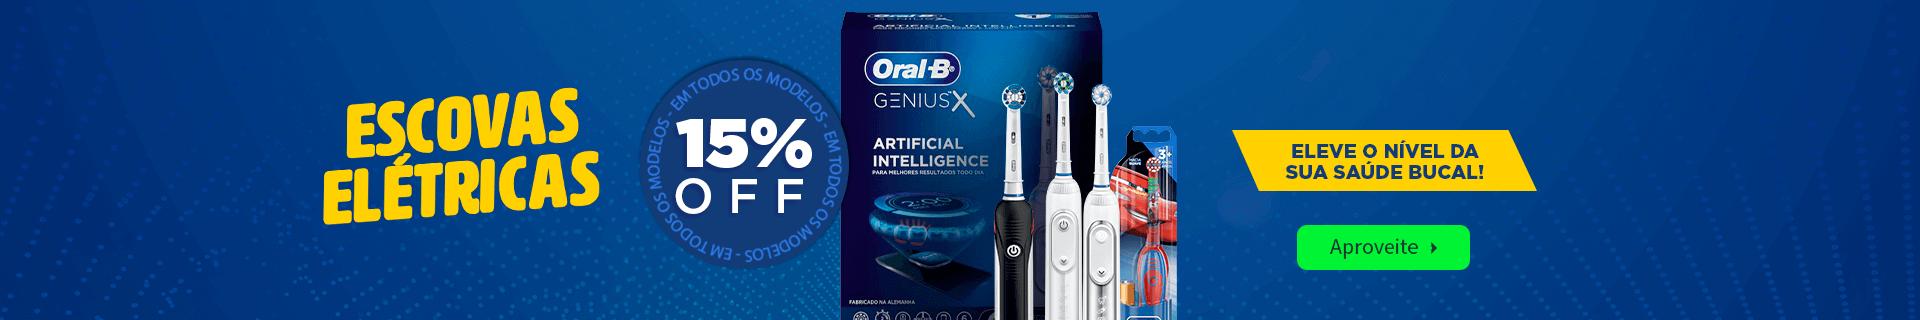 Escova Elétrica 15% OFF com frete grátis na Dental Cremer Produtos Odontológicos